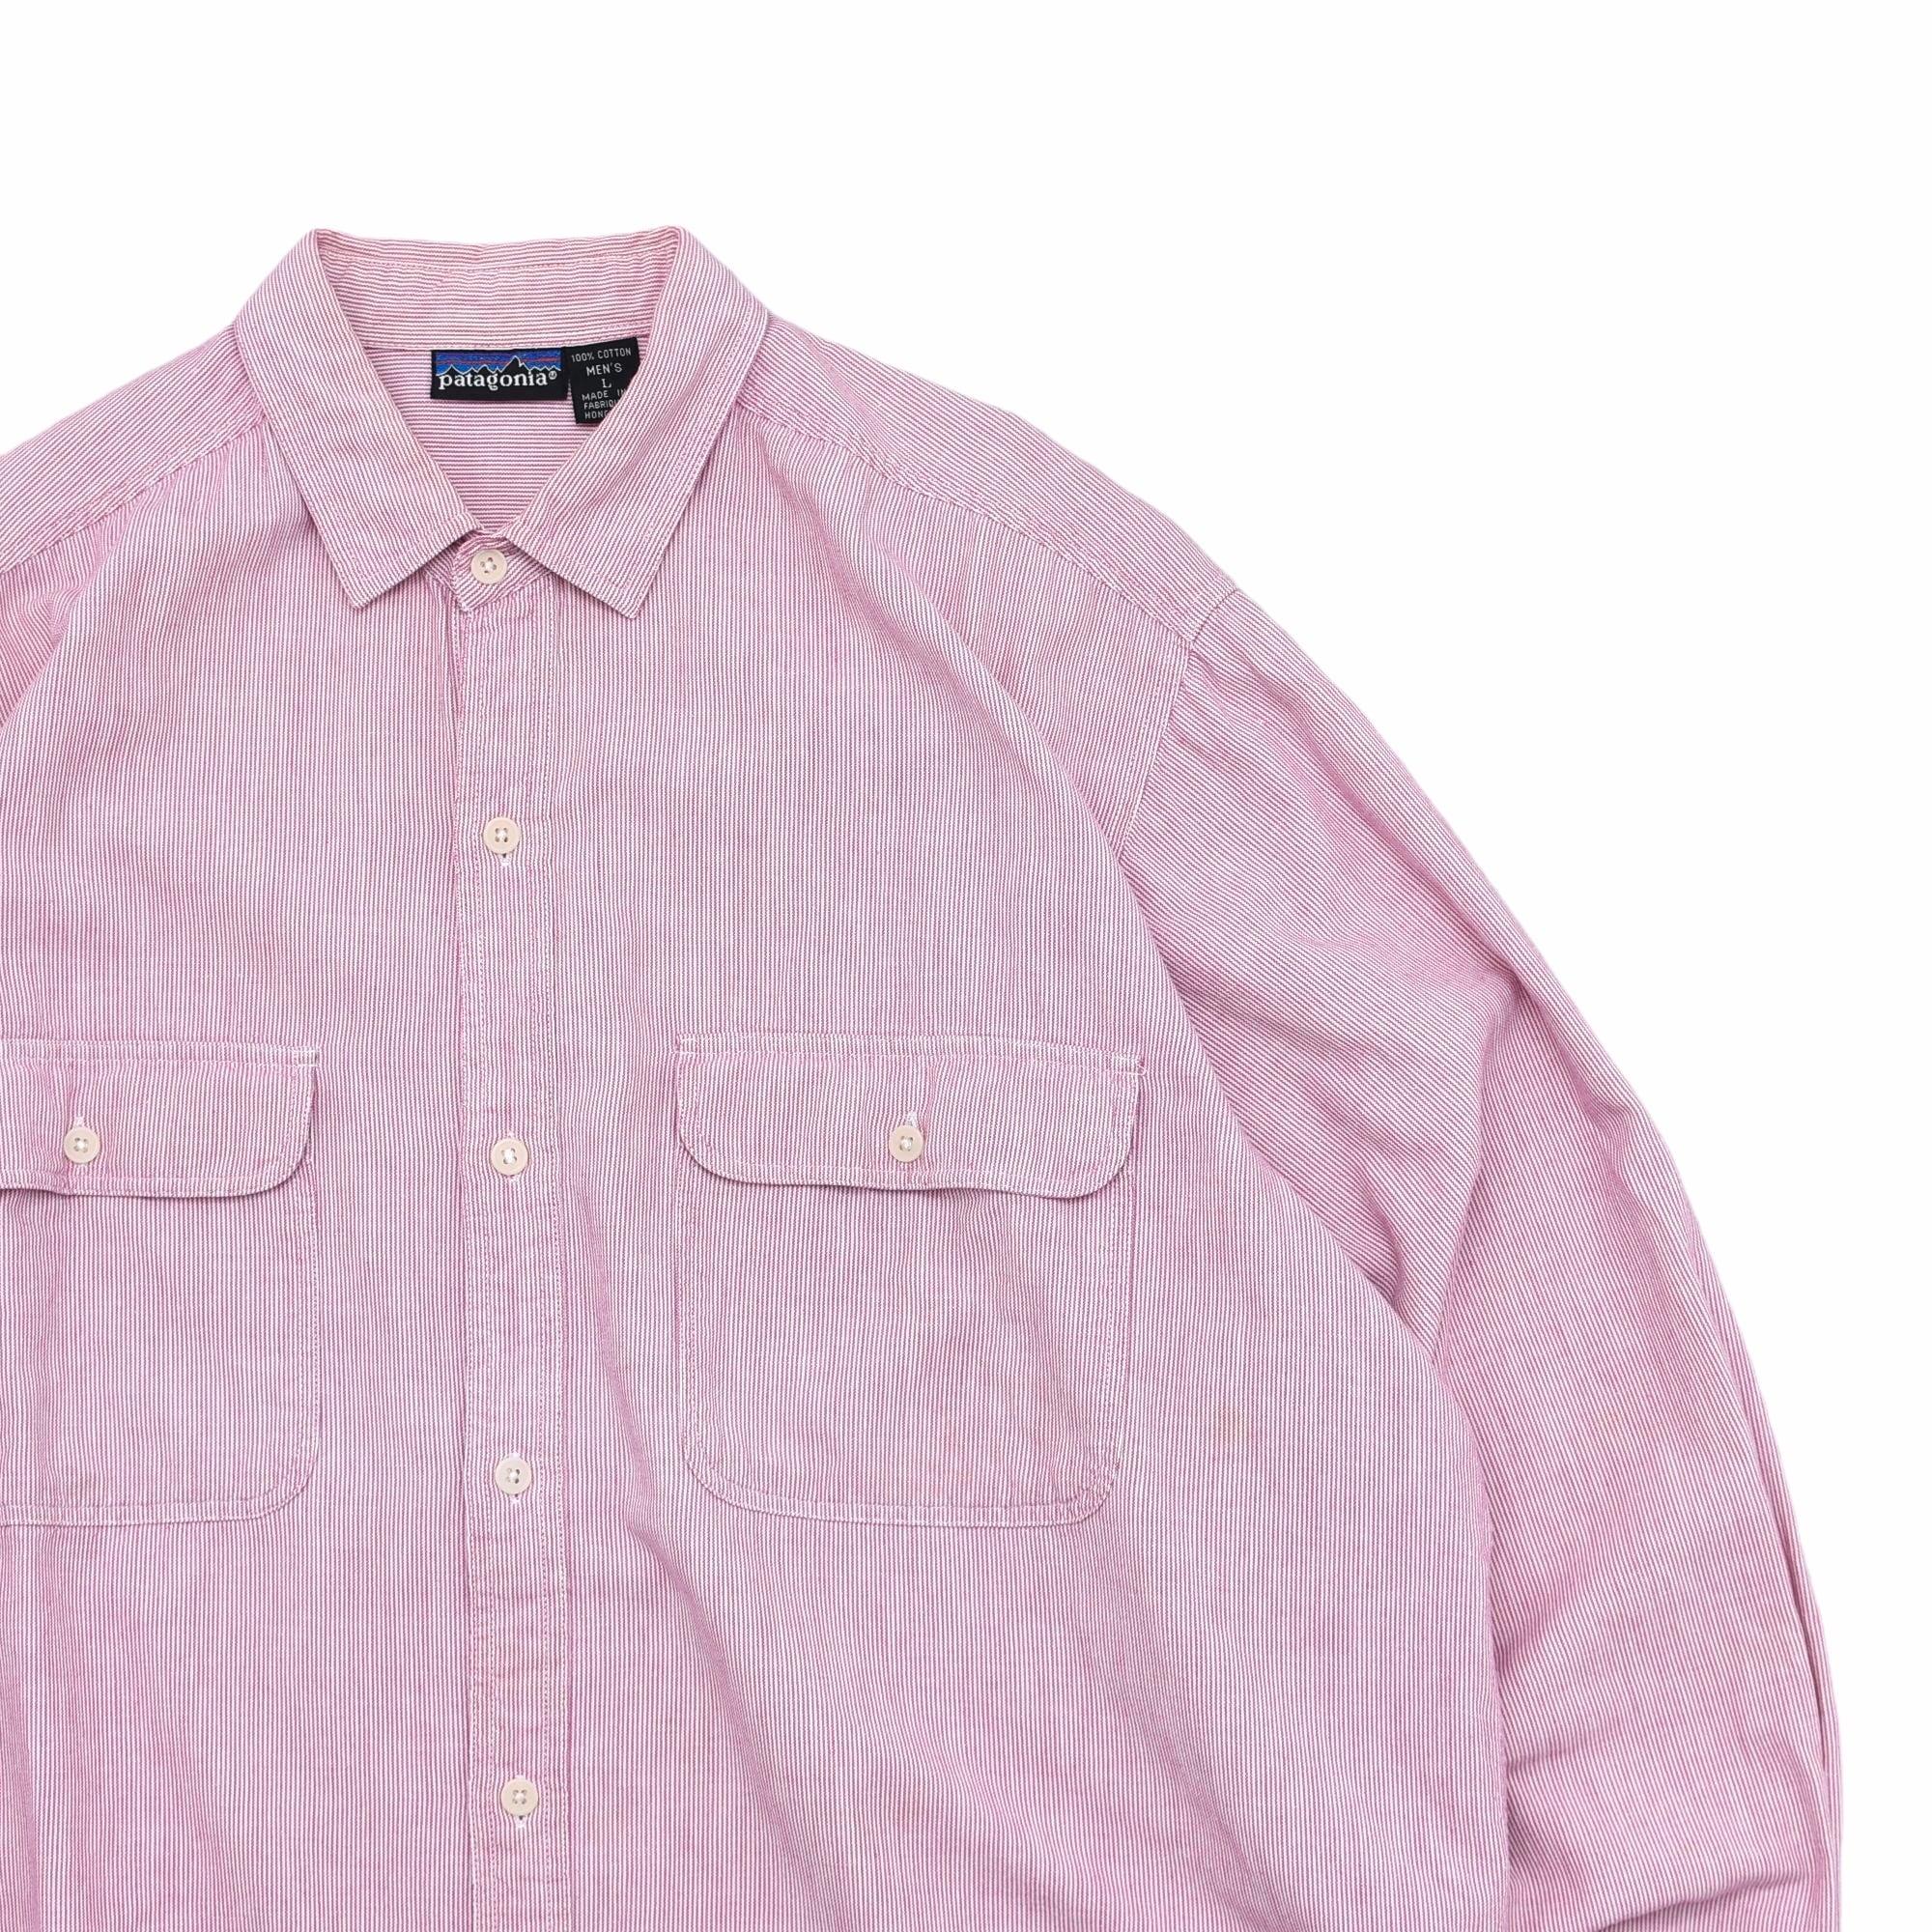 80〜90's patagonia stripe work shirt Made in Hong Kong